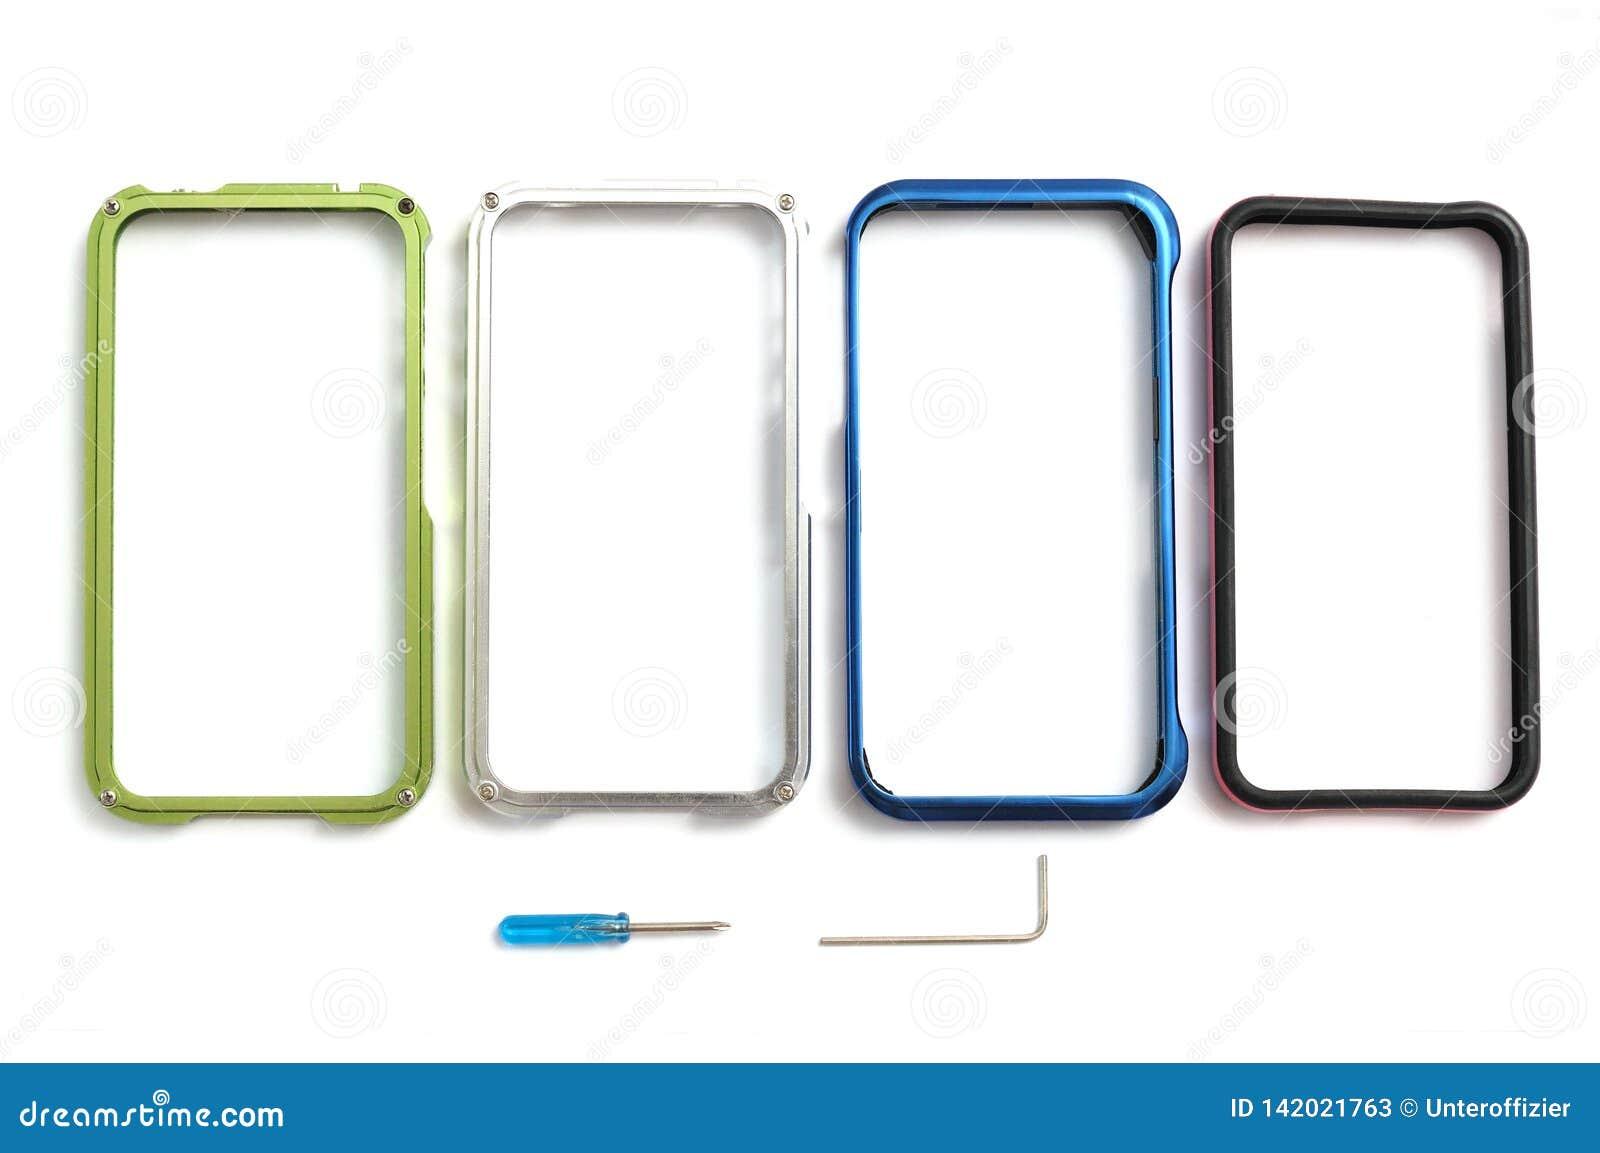 Smartphone obręcza pokrywy few skrzynki z usuwalnymi narzędziami